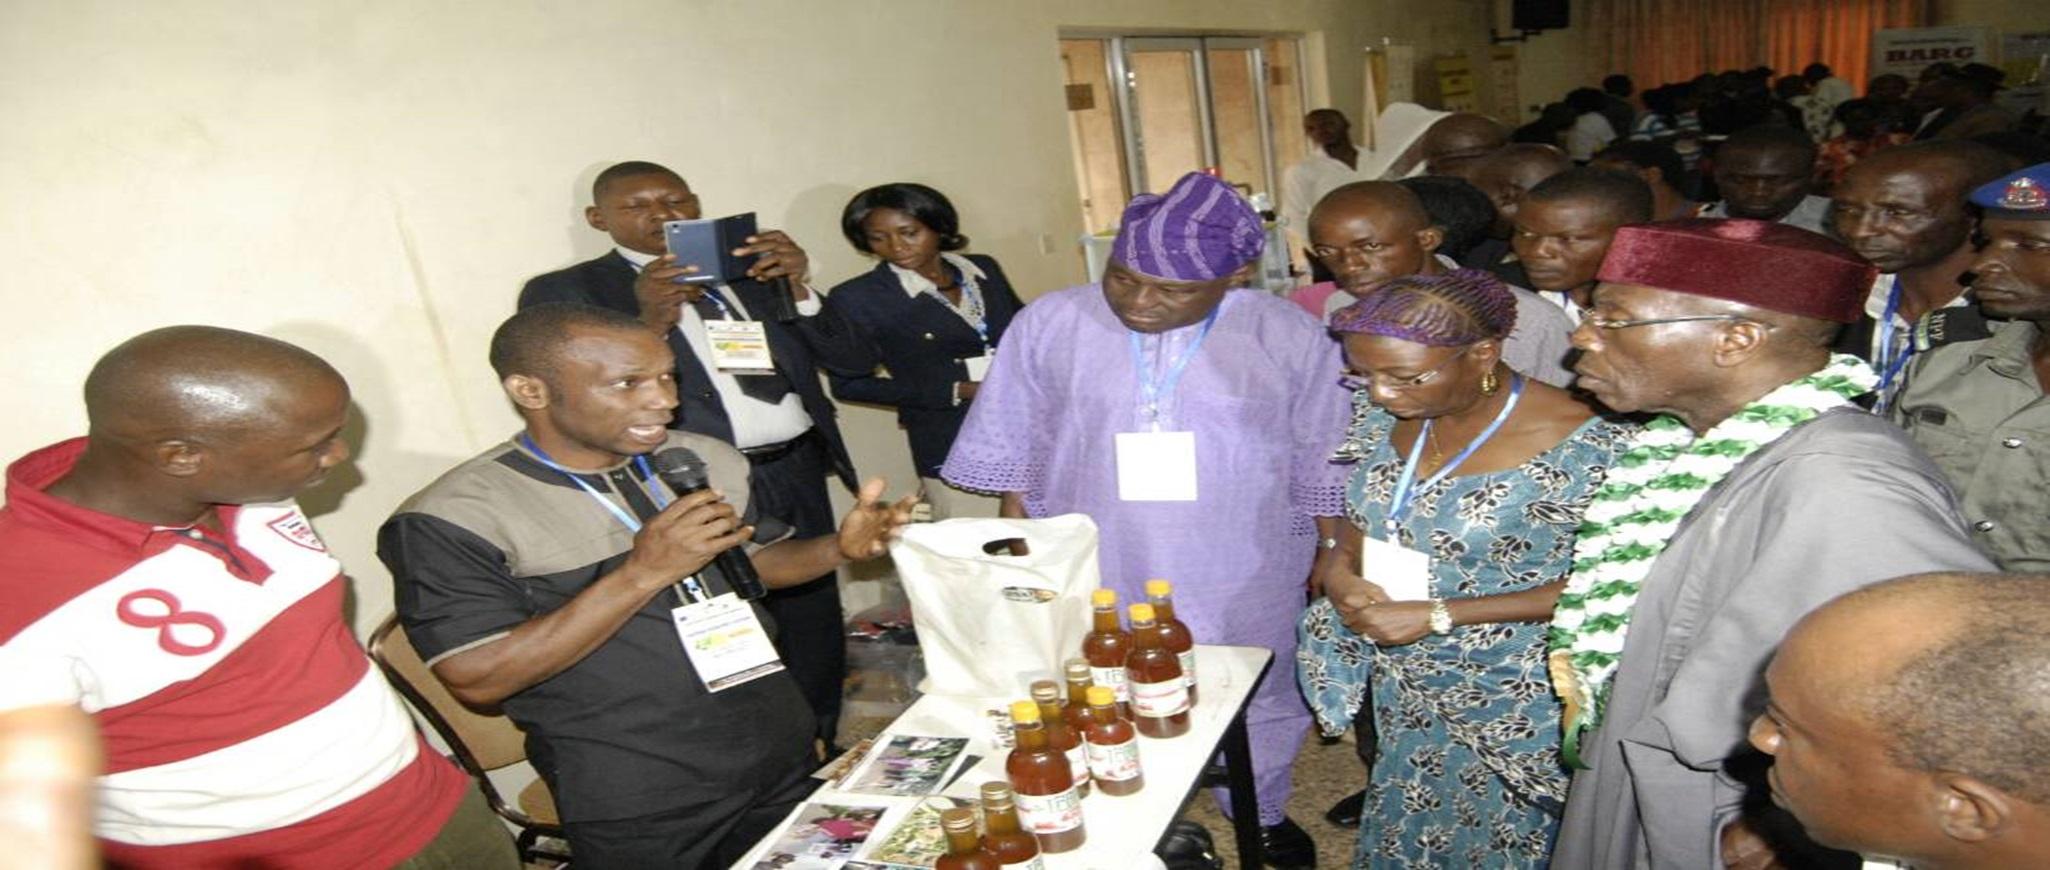 BEEKEEPING/ APICULTURE TRAINING & ORIGINAL HONEY in Nigeria